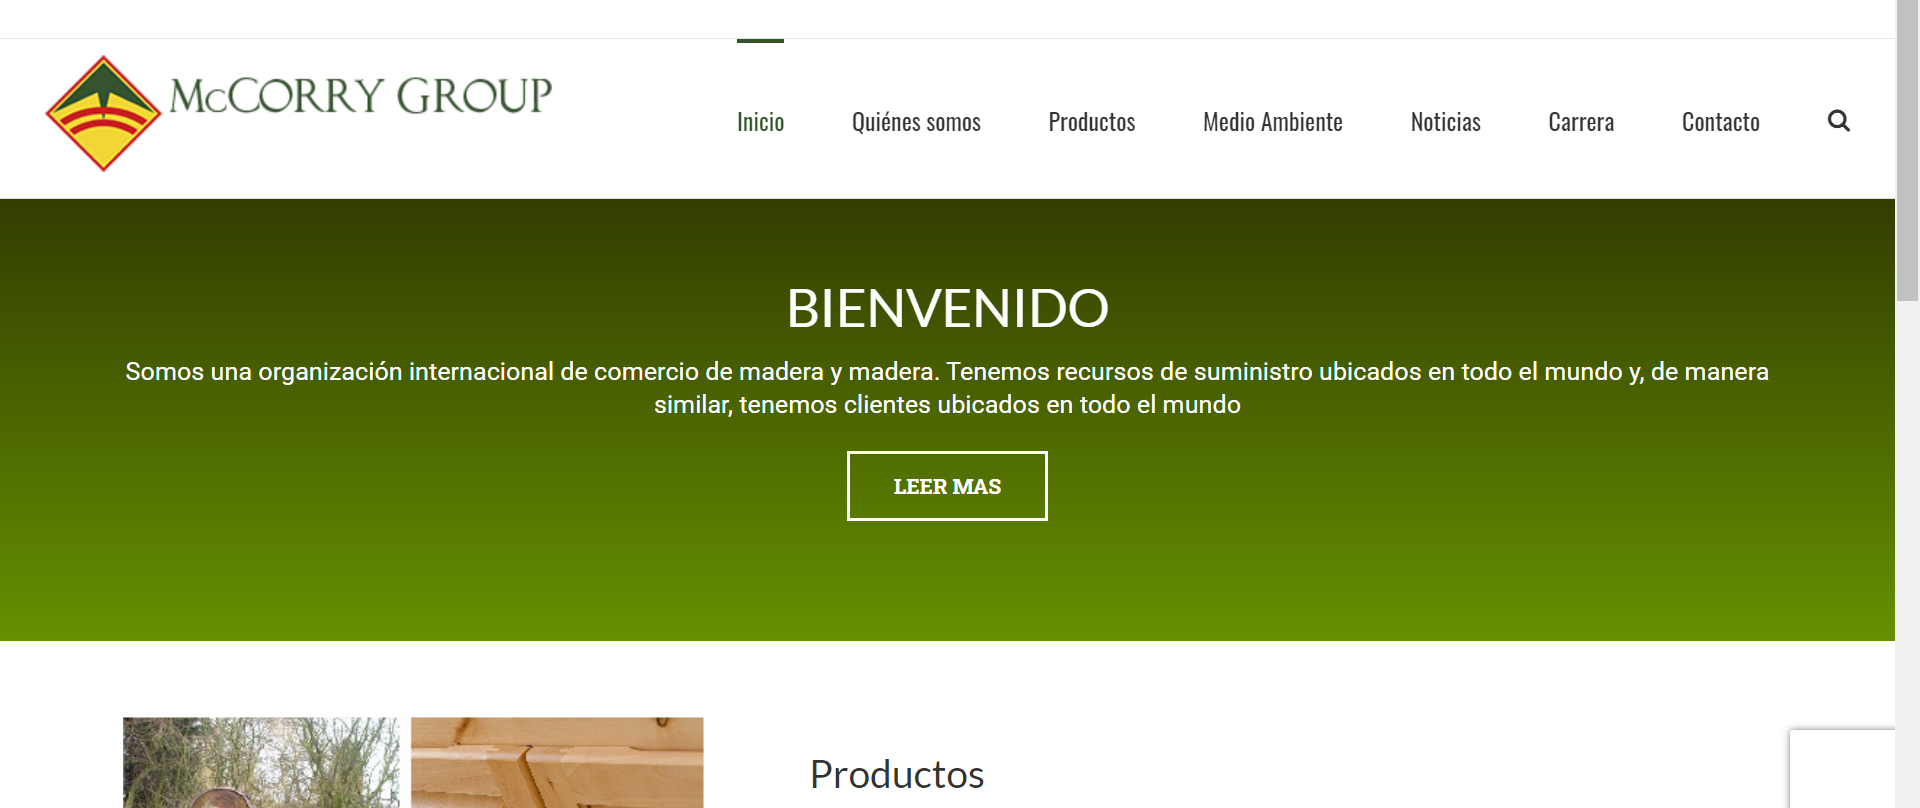 Diseño de páginas web en México 4